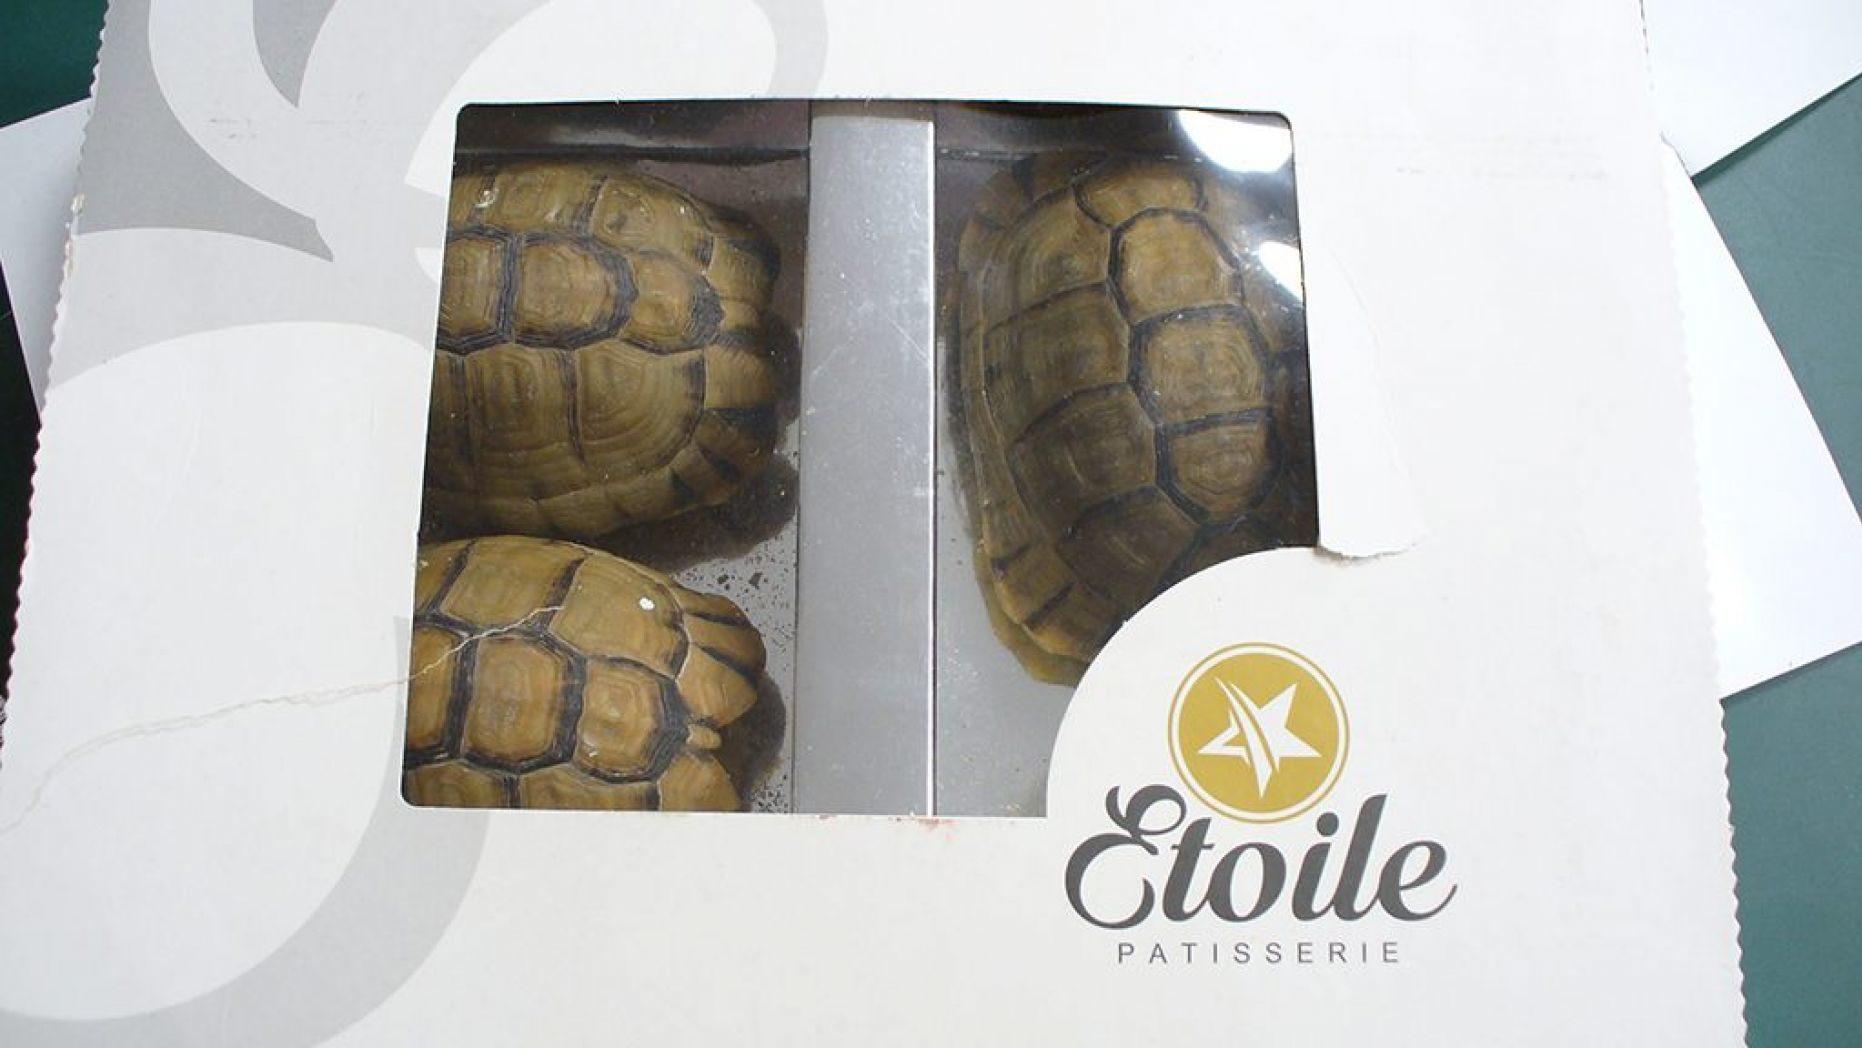 Пассажир замаскировал черепах под пирожные, чтобы вывезти из Берлина